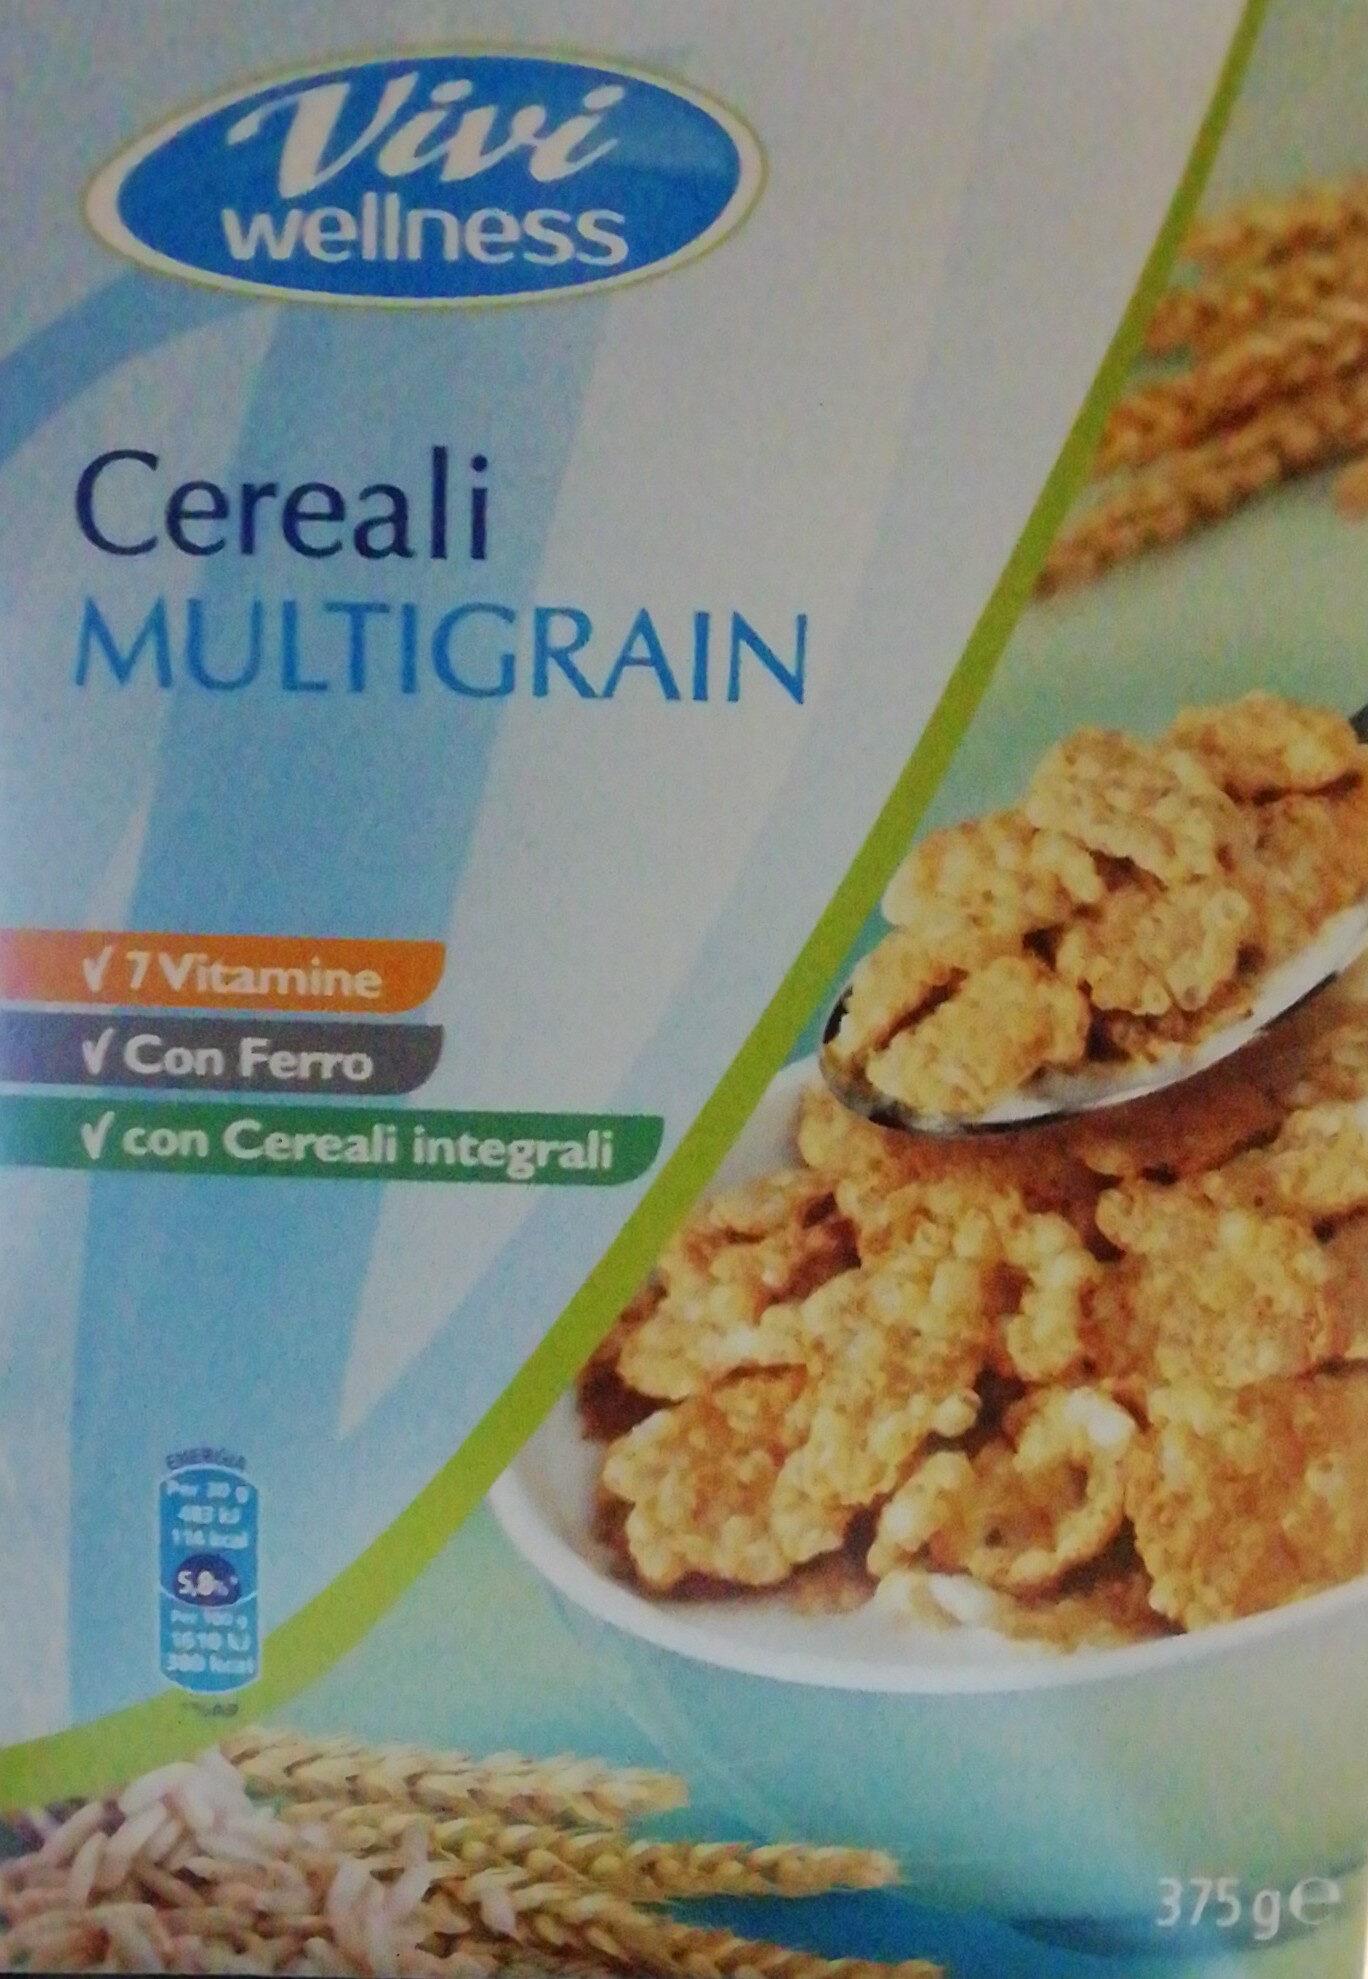 Cereali multigrain Fiocchi di riso e frumento integrale arricchiti con vitamine B1, B2, PP, B6, acido folico, B12, B5 e ferro - Produit - it